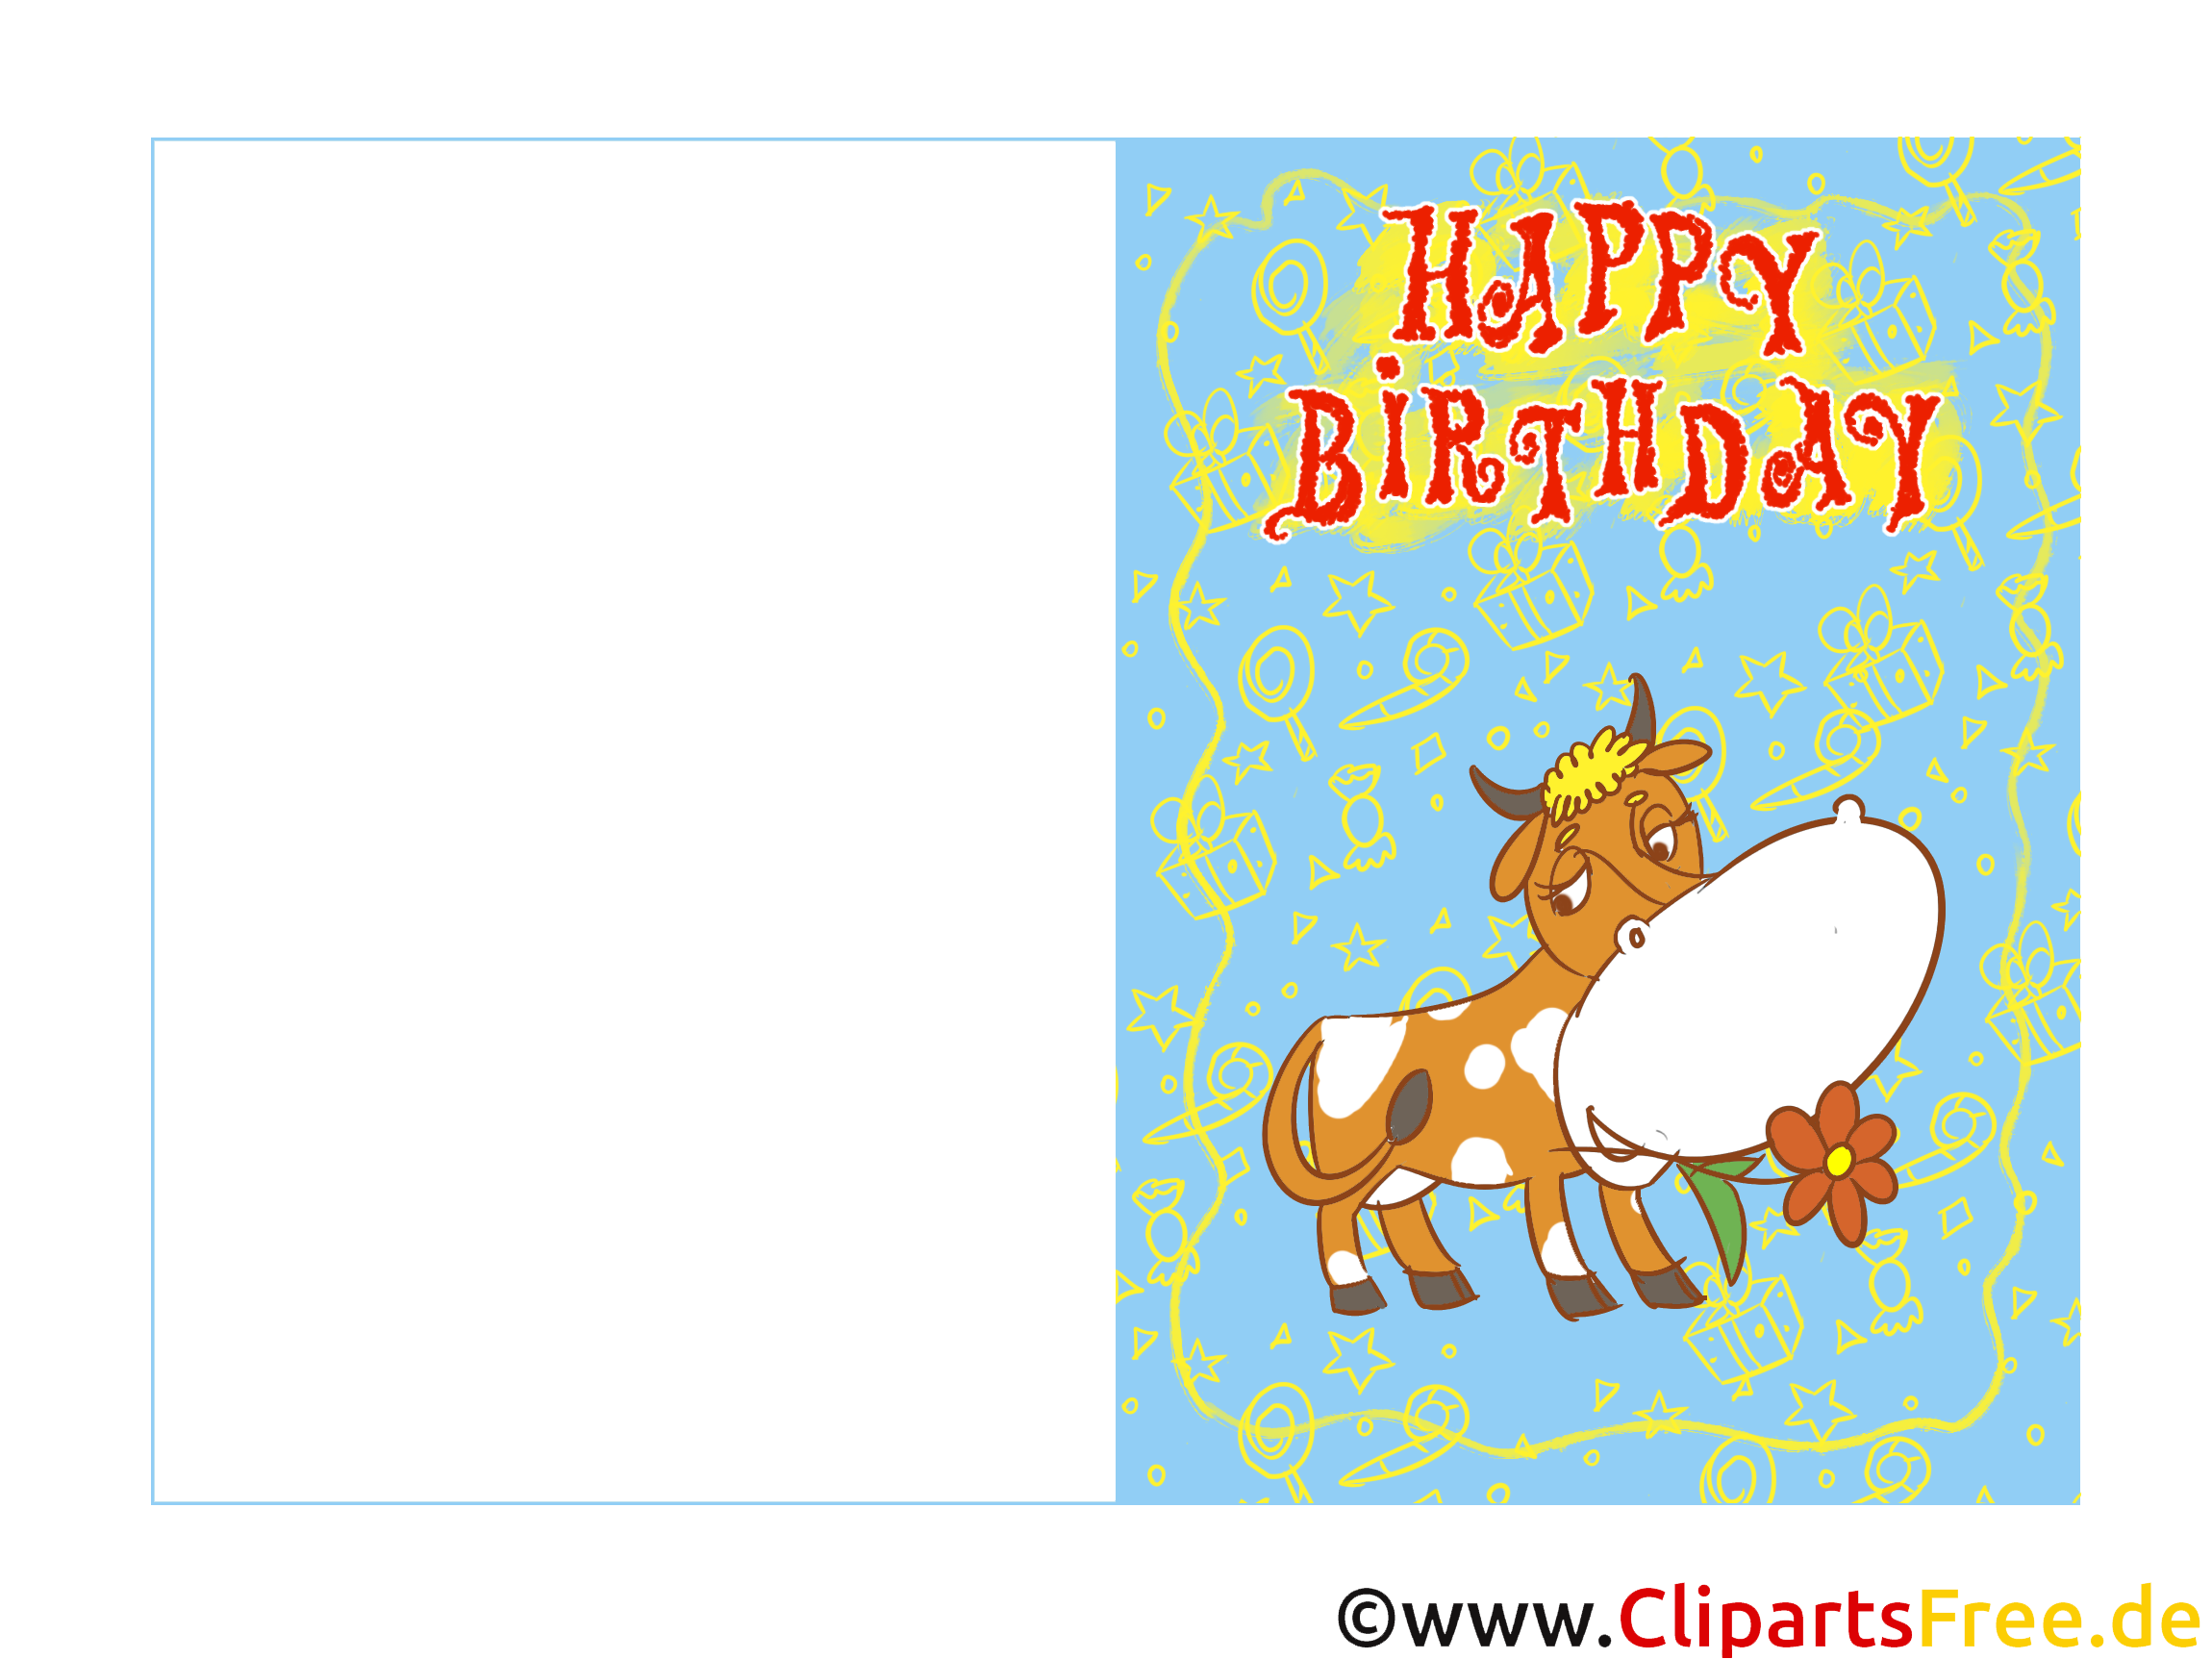 Geburtstagskarten ecards zum selbst drucken zum for Geburtstagskarten gratis drucken